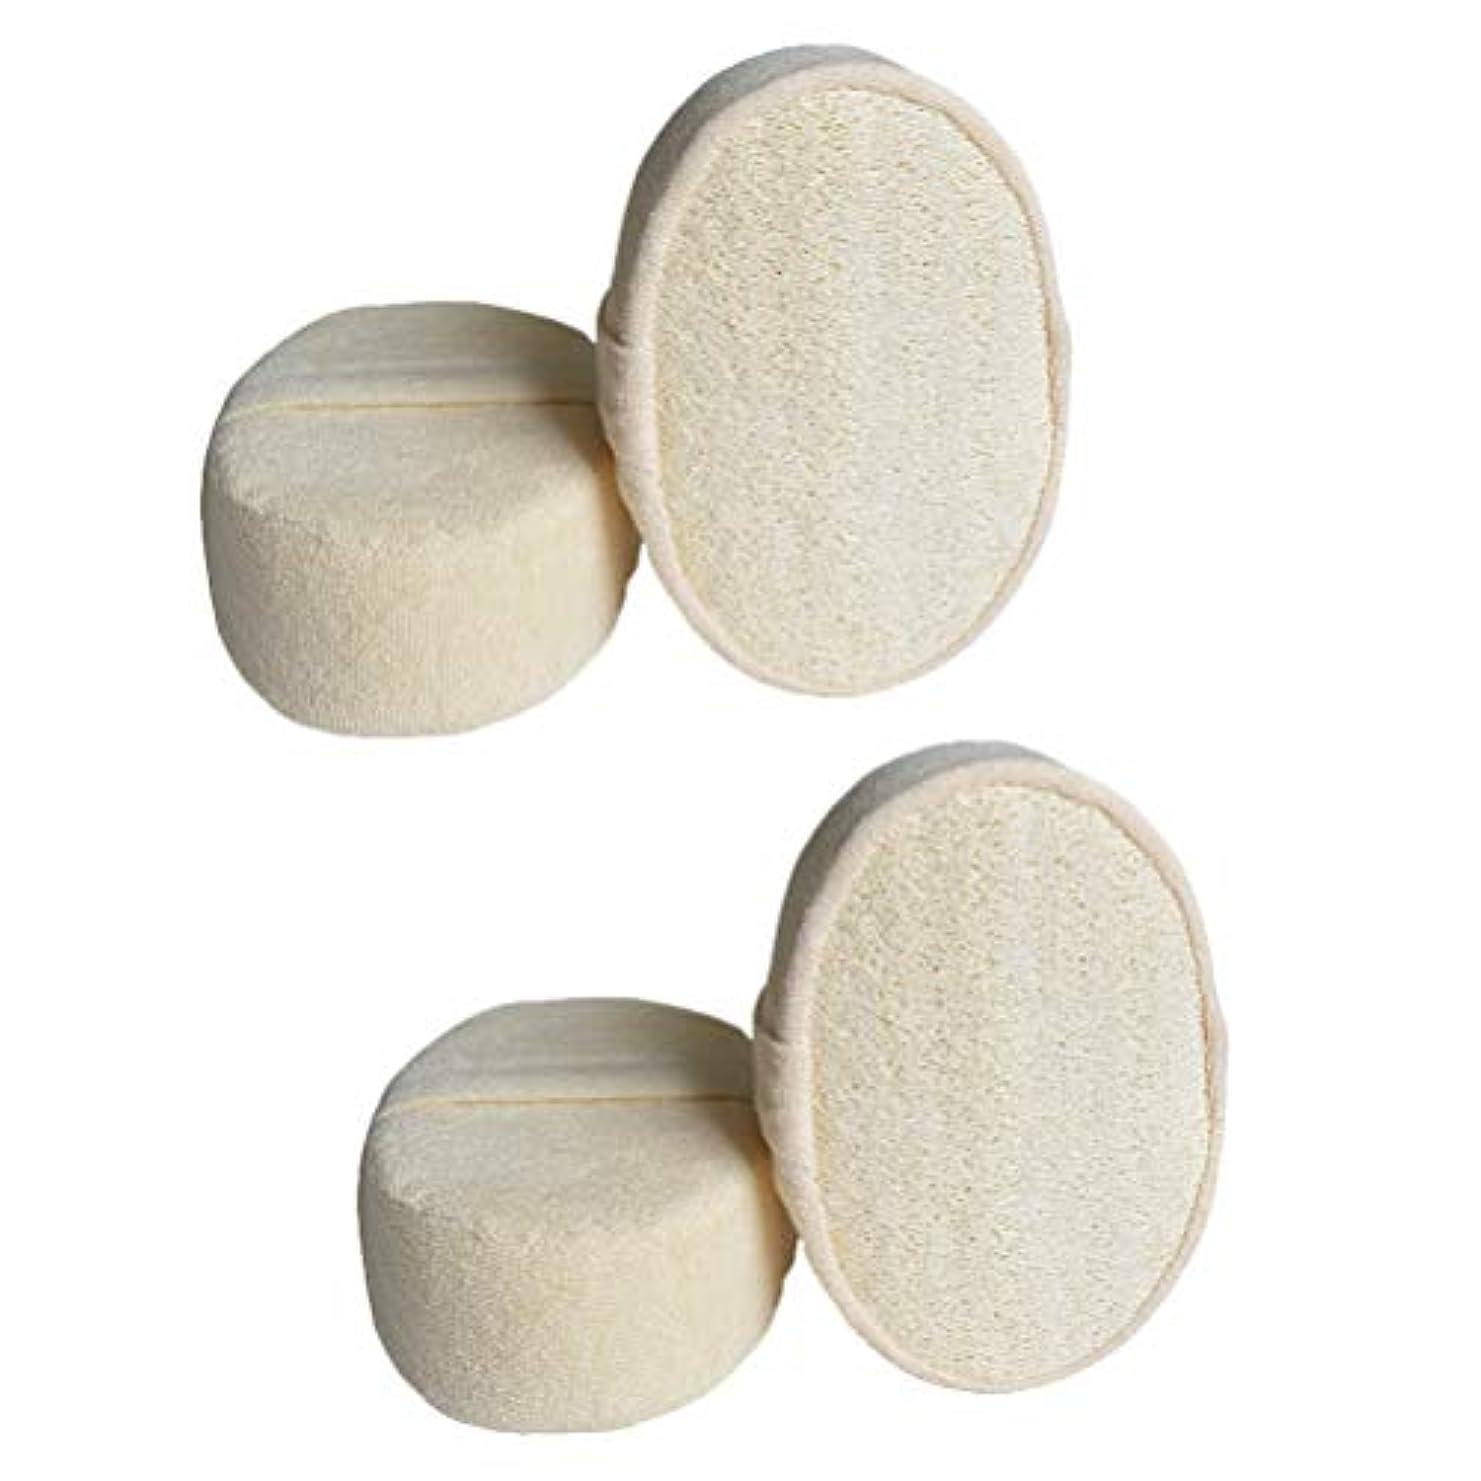 悪名高いフォーク設計Healifty 4ピース剥離剥離剤パッドloofaスポンジスクラバーブラシ用風呂スパシャワー